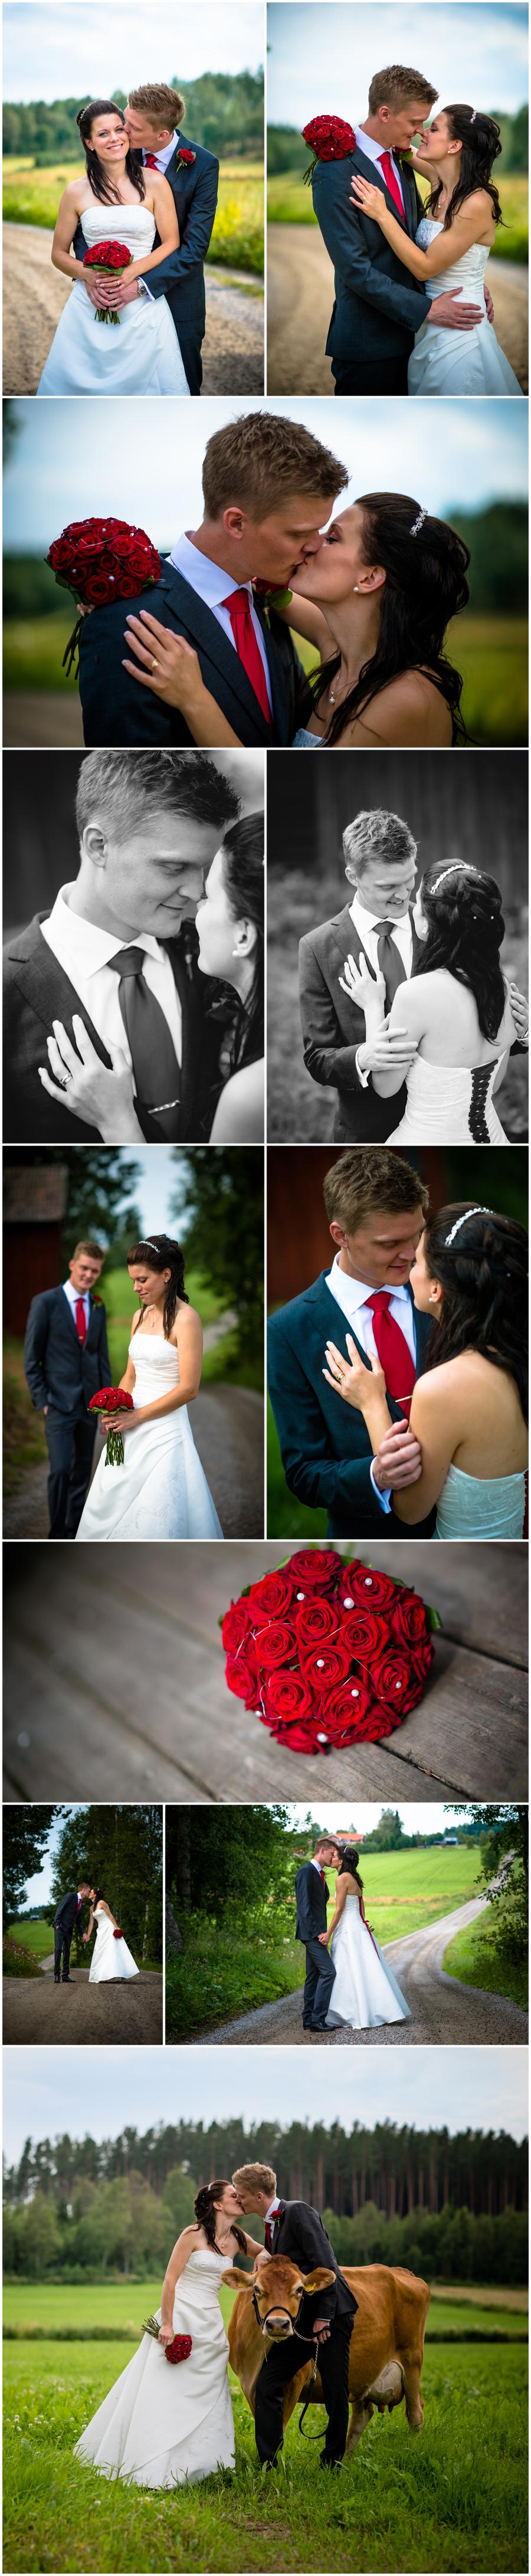 Bröllopsfotografering   i Hälsingland: Martina & Wiktor 7